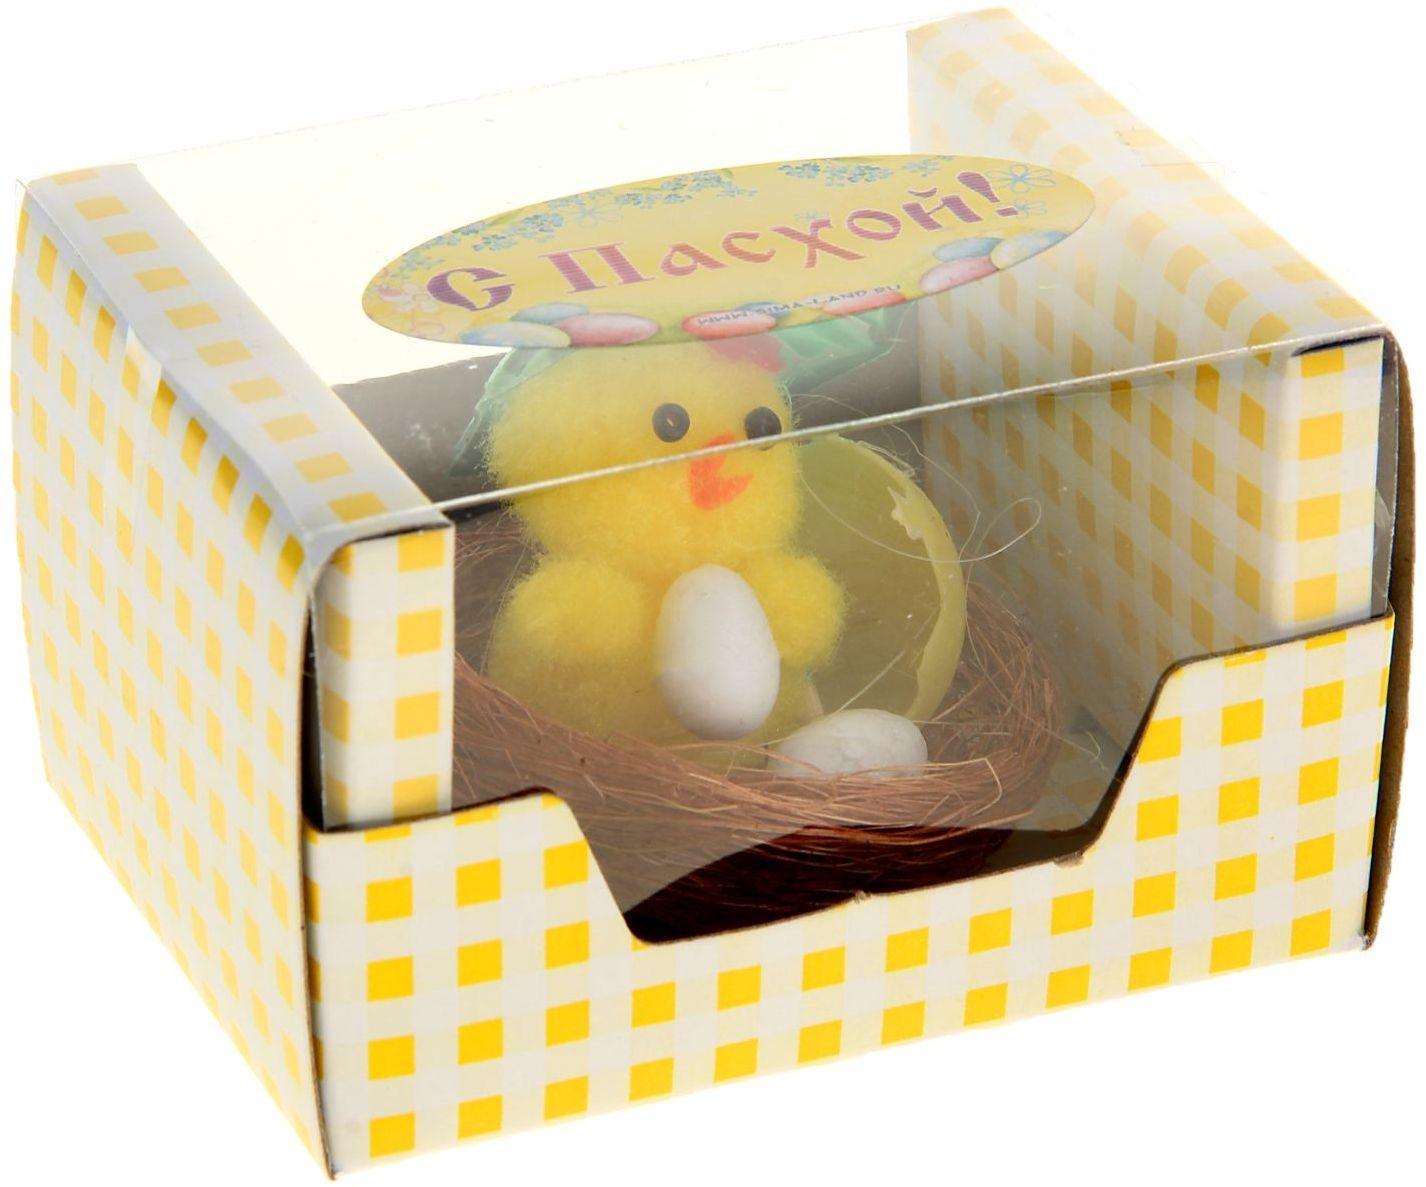 Сувенир пасхальный Sima-land Курочка под зонтикомNLED-420-1.5W-RДарить подарки на Пасху – это такая же традиция, как красить яйца и выпекать куличи. Презенты вдвойне приятнее, если они несут в себе сакральный смысл и имеют какое-то значение.Сувенир Курочка под зонтиком - это символ возрождения и непрерывности жизни. С его помощью вы сможете украсить жилище, преподнести его близкому человеку или использовать при сервировке стола всю пасхальную неделю. Кроме того, пасхальные цыплята нравятся маленьким деткам.